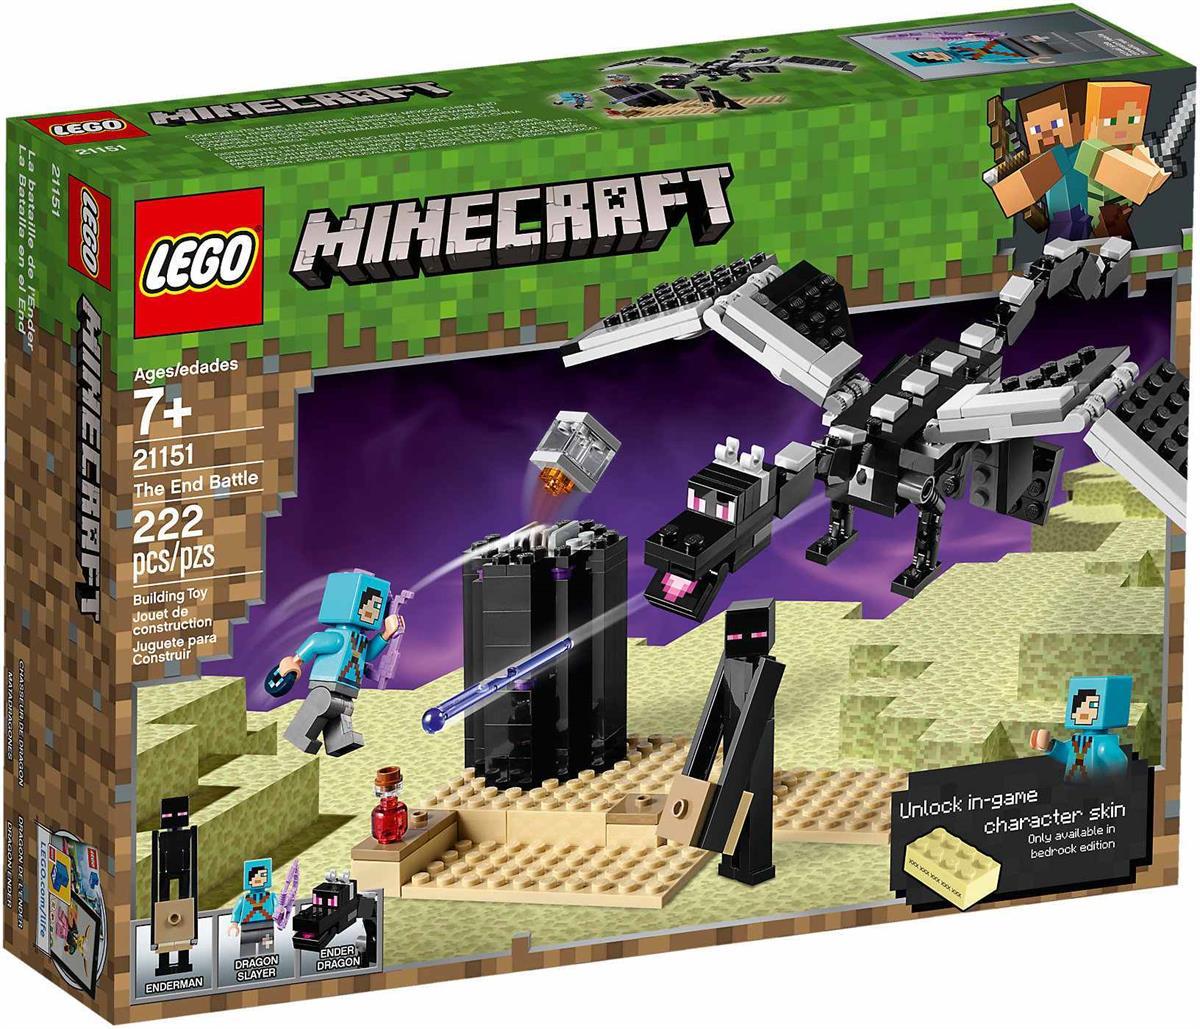 LEGO 21151 LA BATTAGLIA DELL'END MINECRAFT